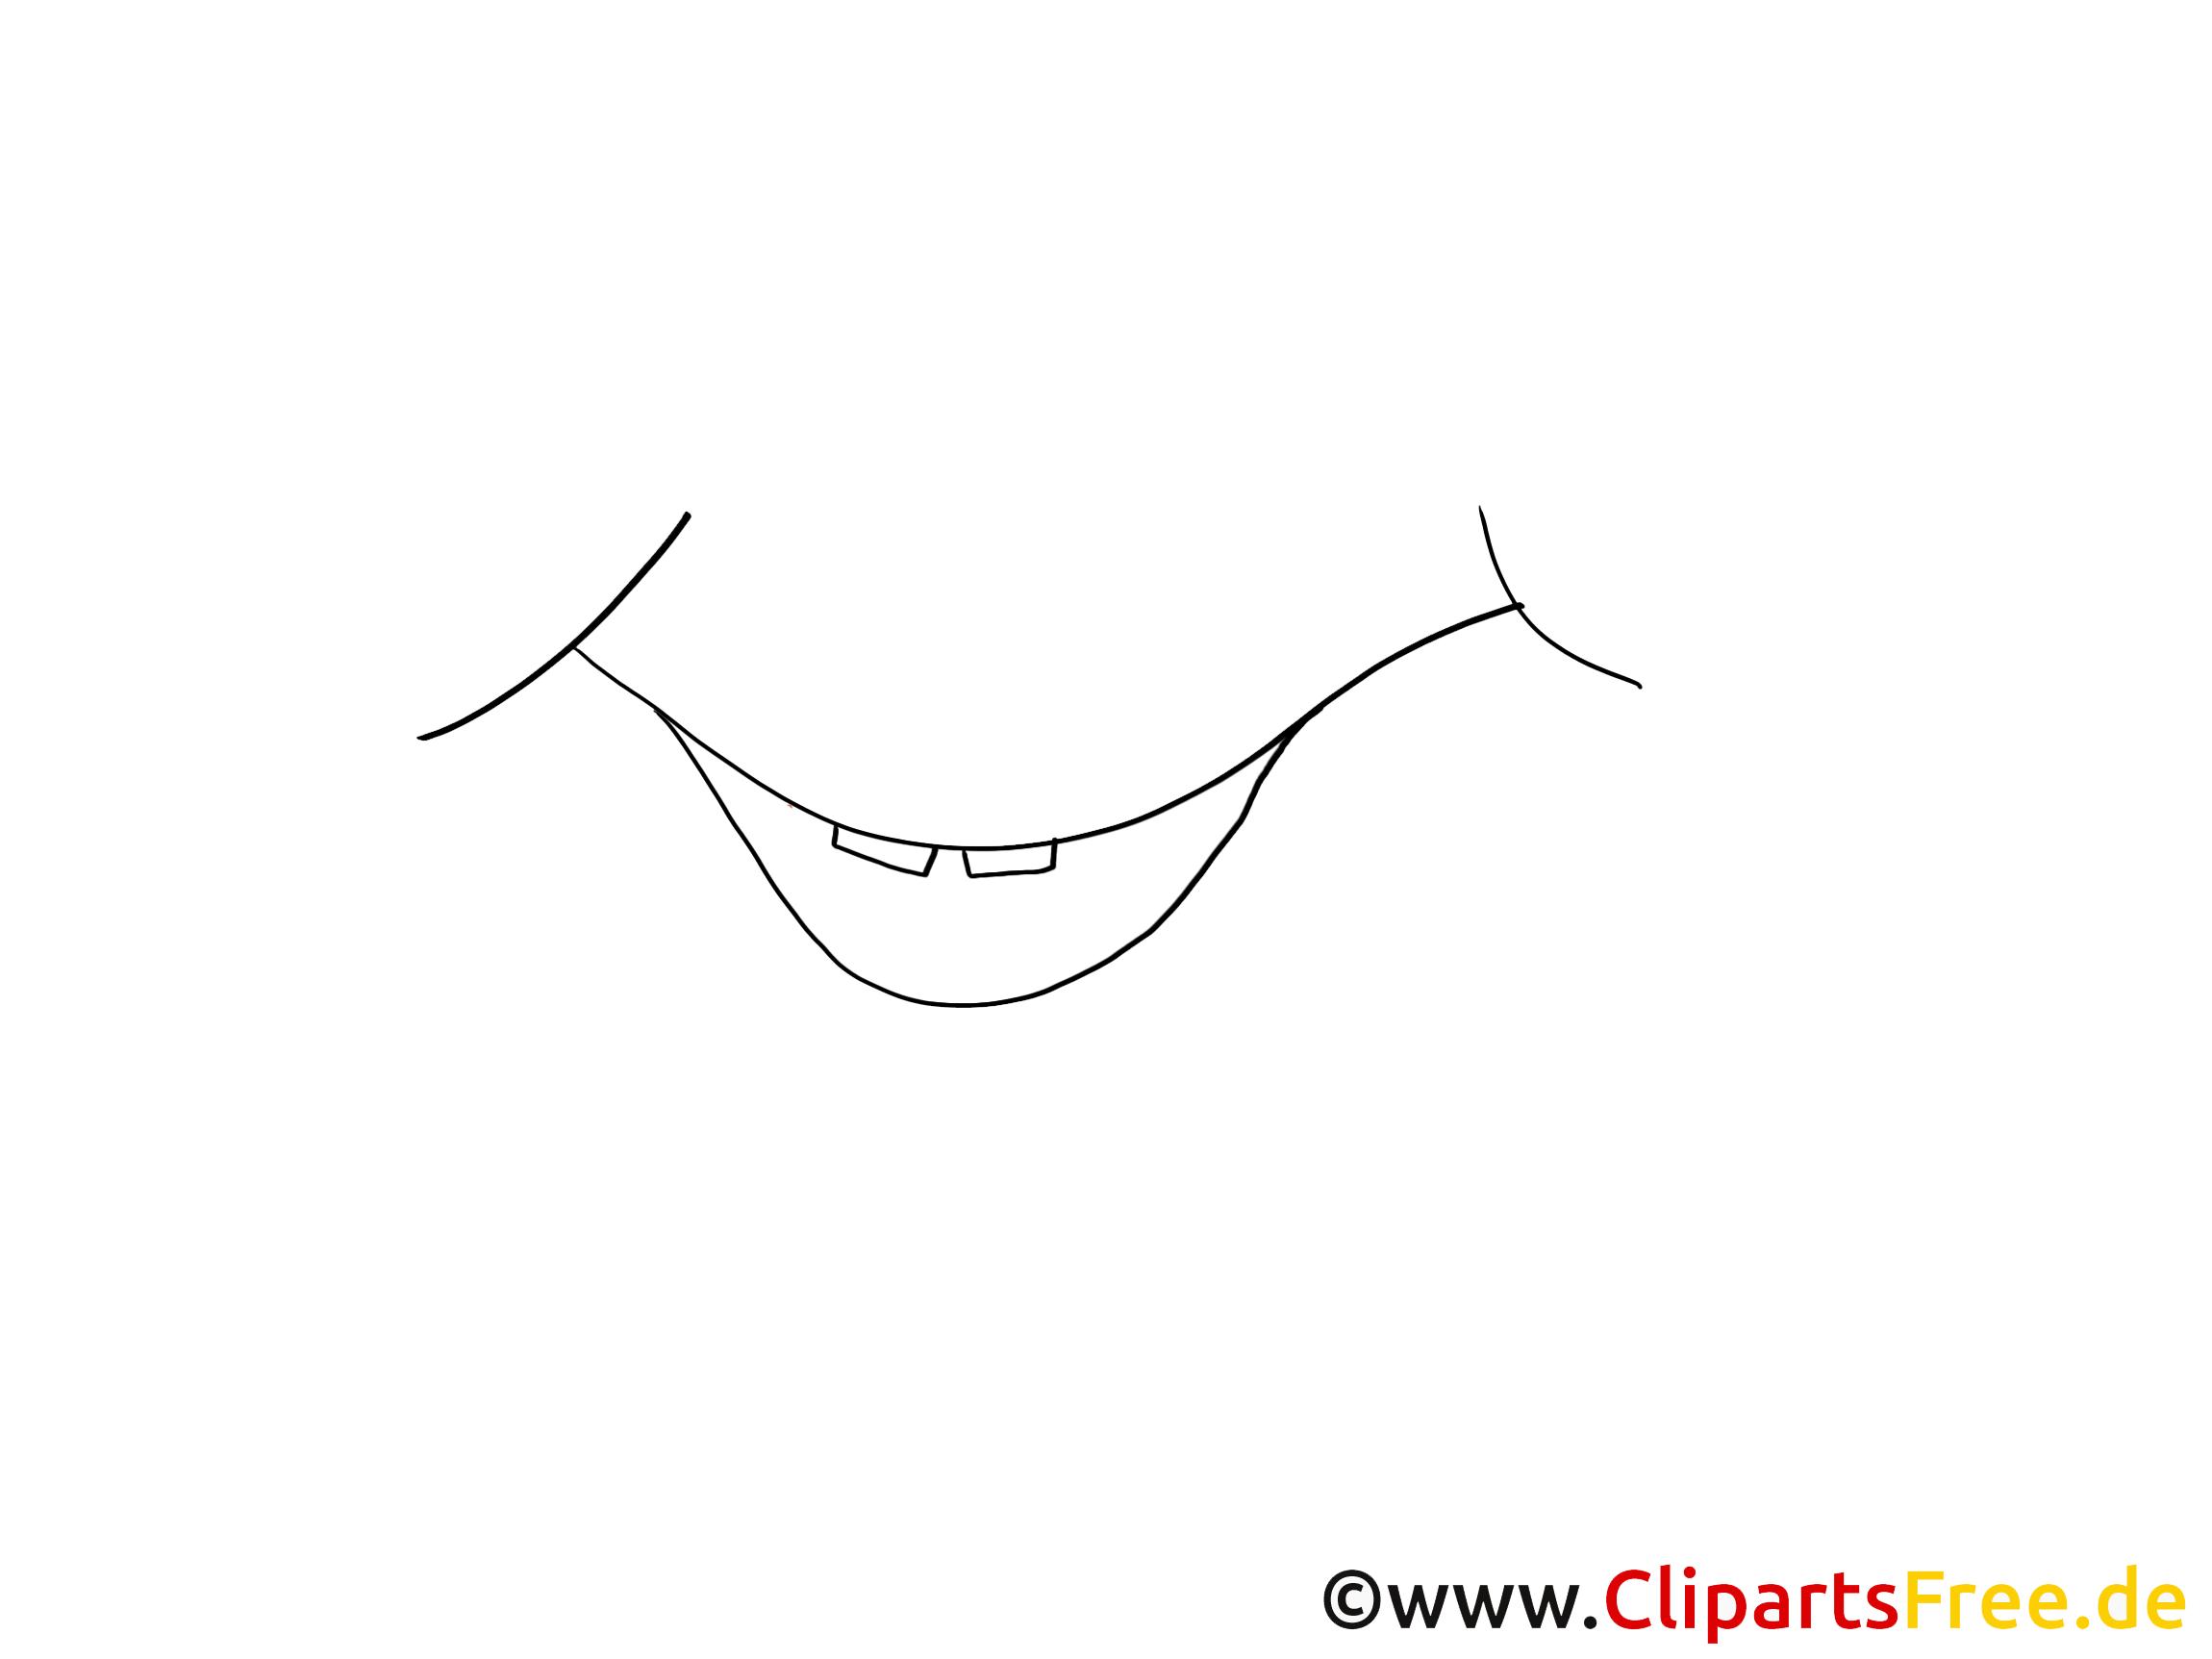 tekening lachende komische mond